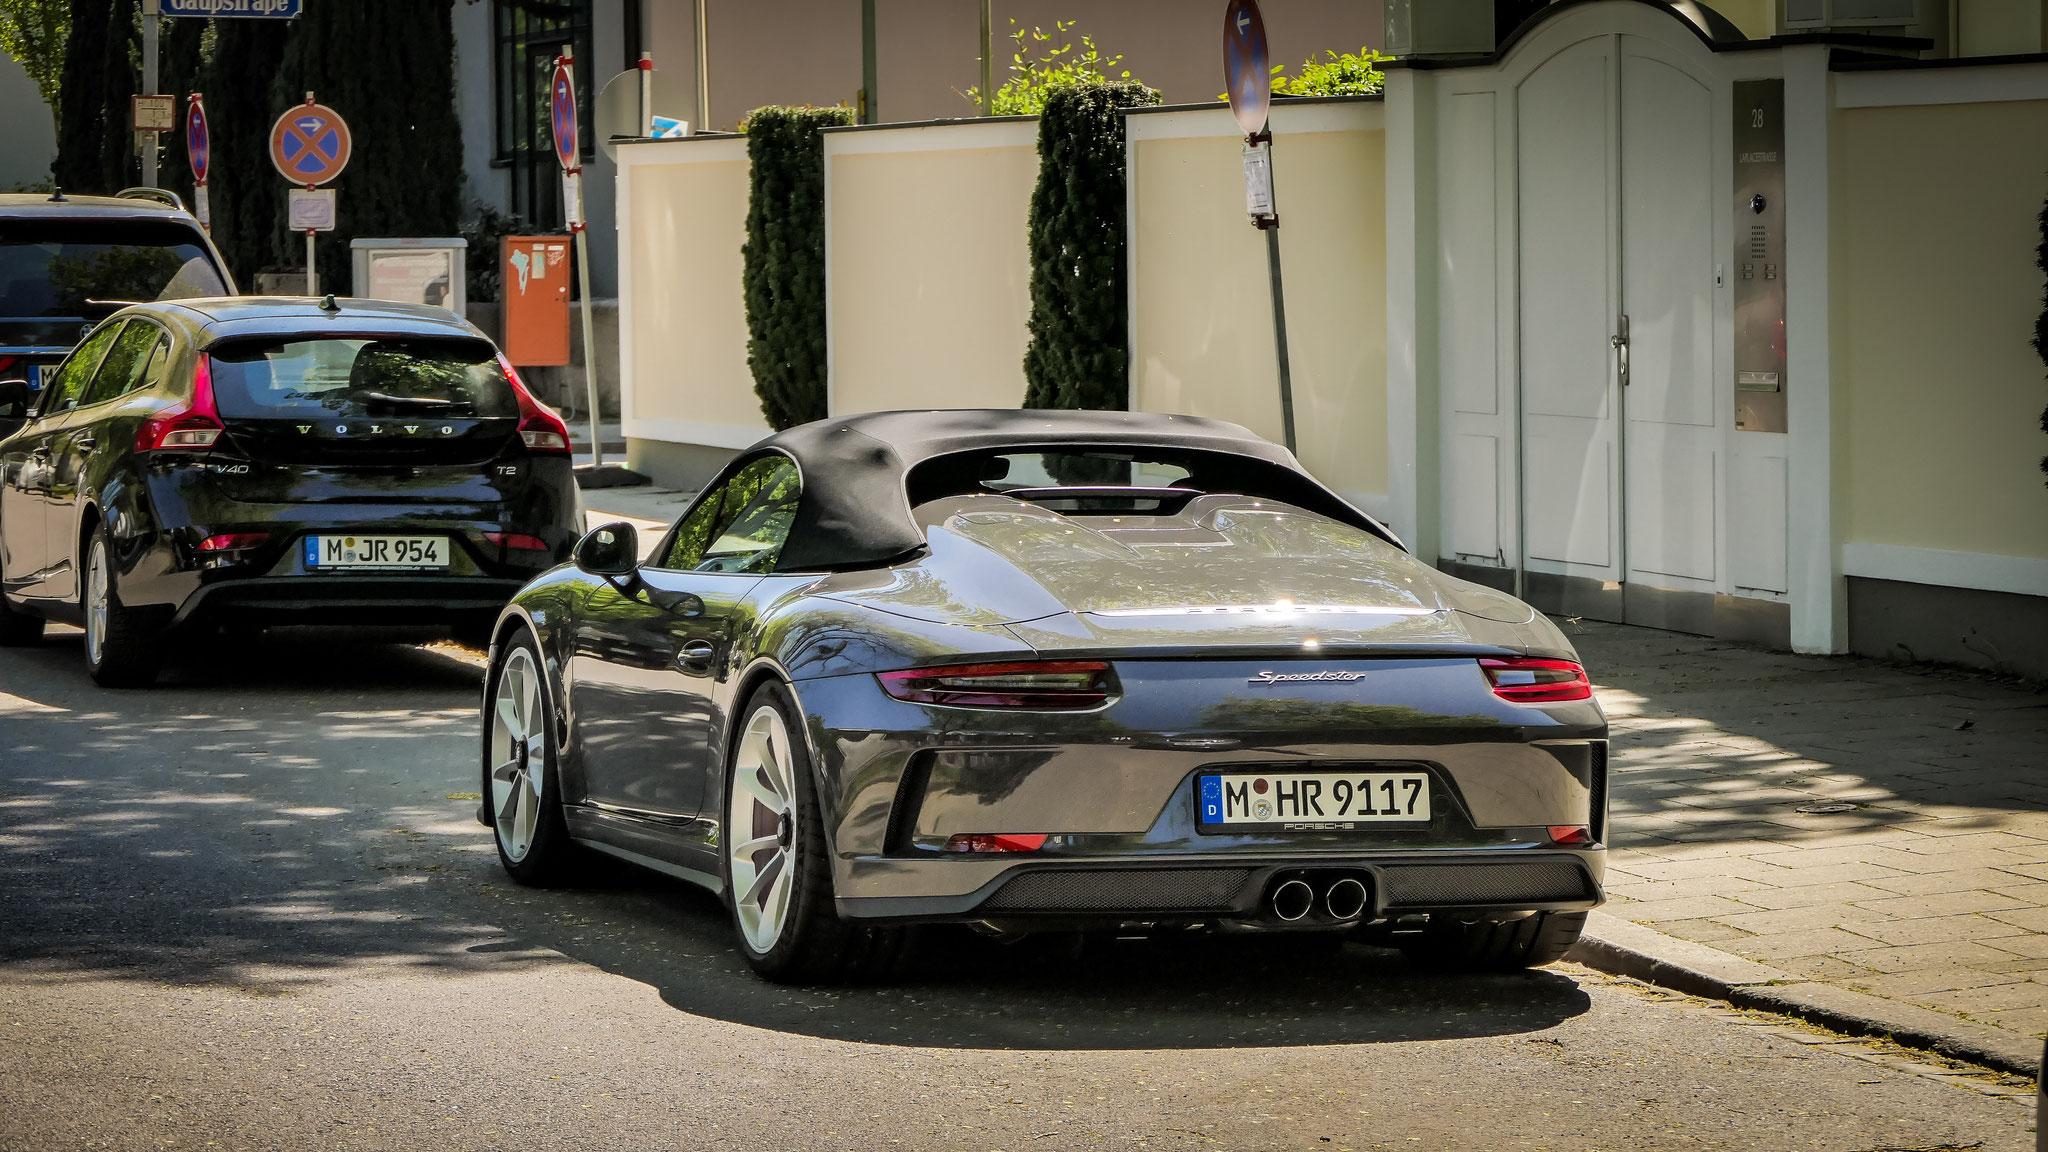 Porsche 991 Speedster - M-HR-9117